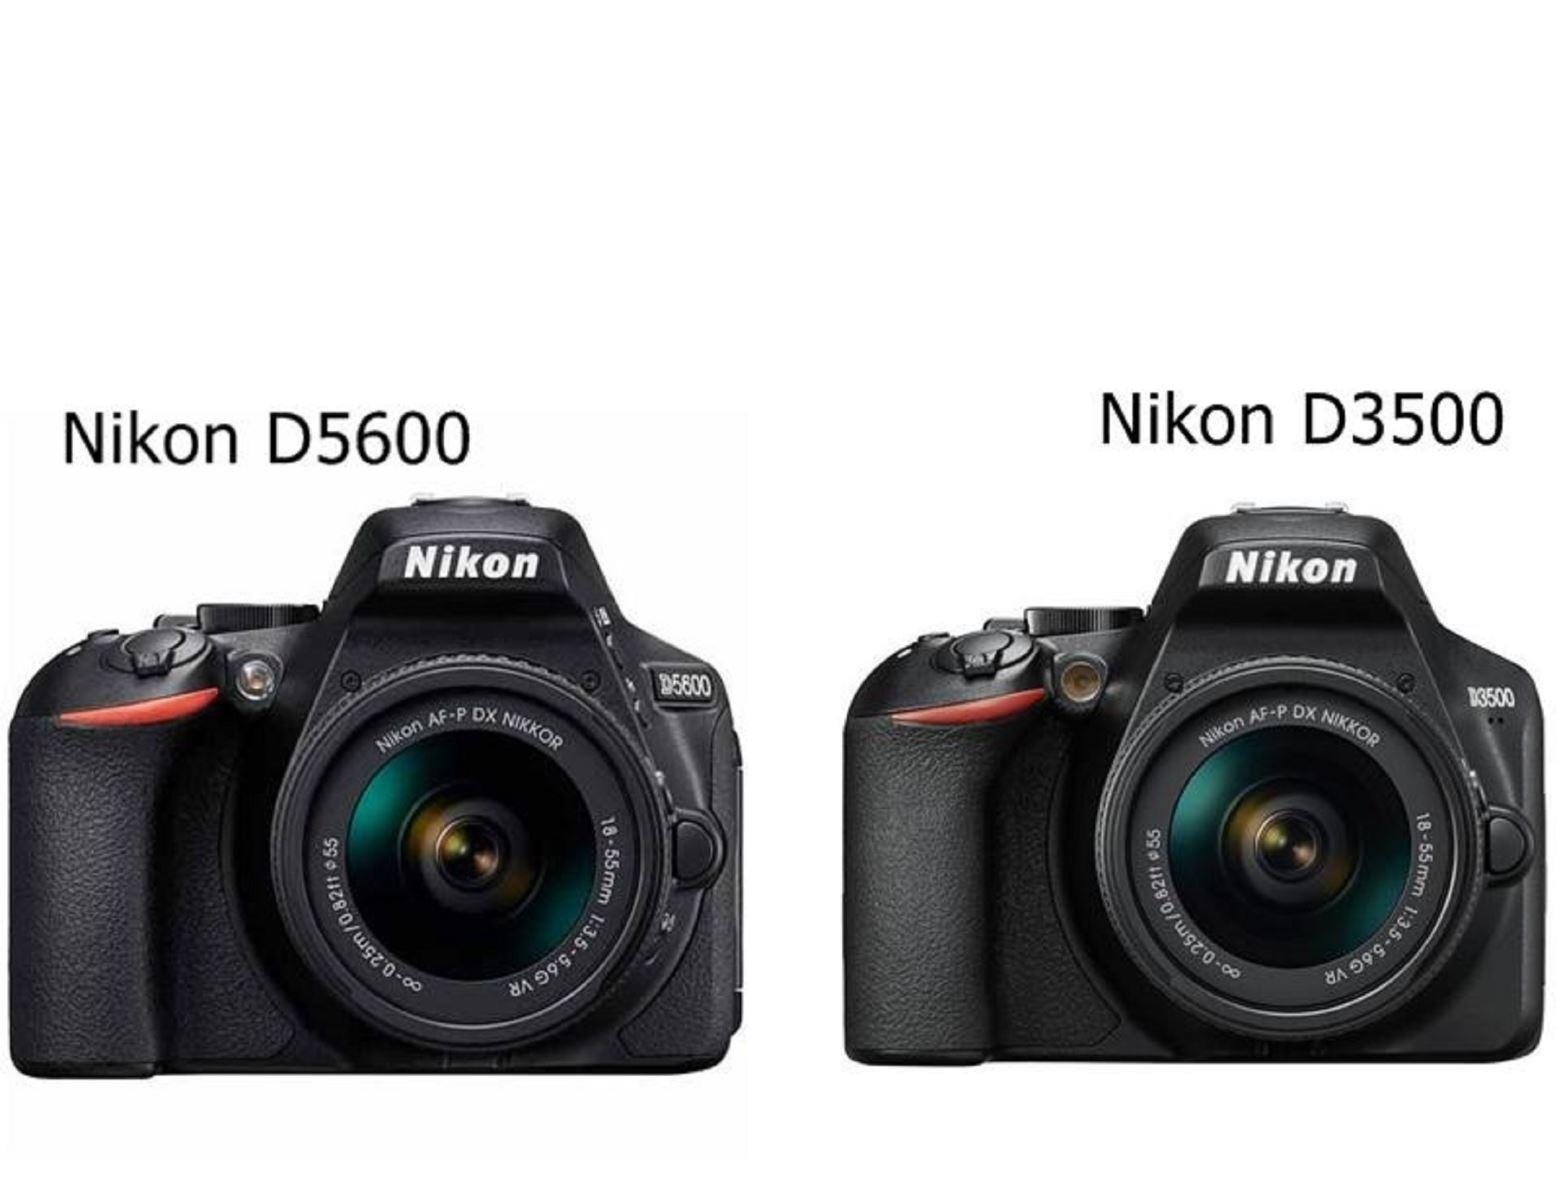 So sánh máy ảnh Nikon D3500 và máy ảnh Nikon D5600